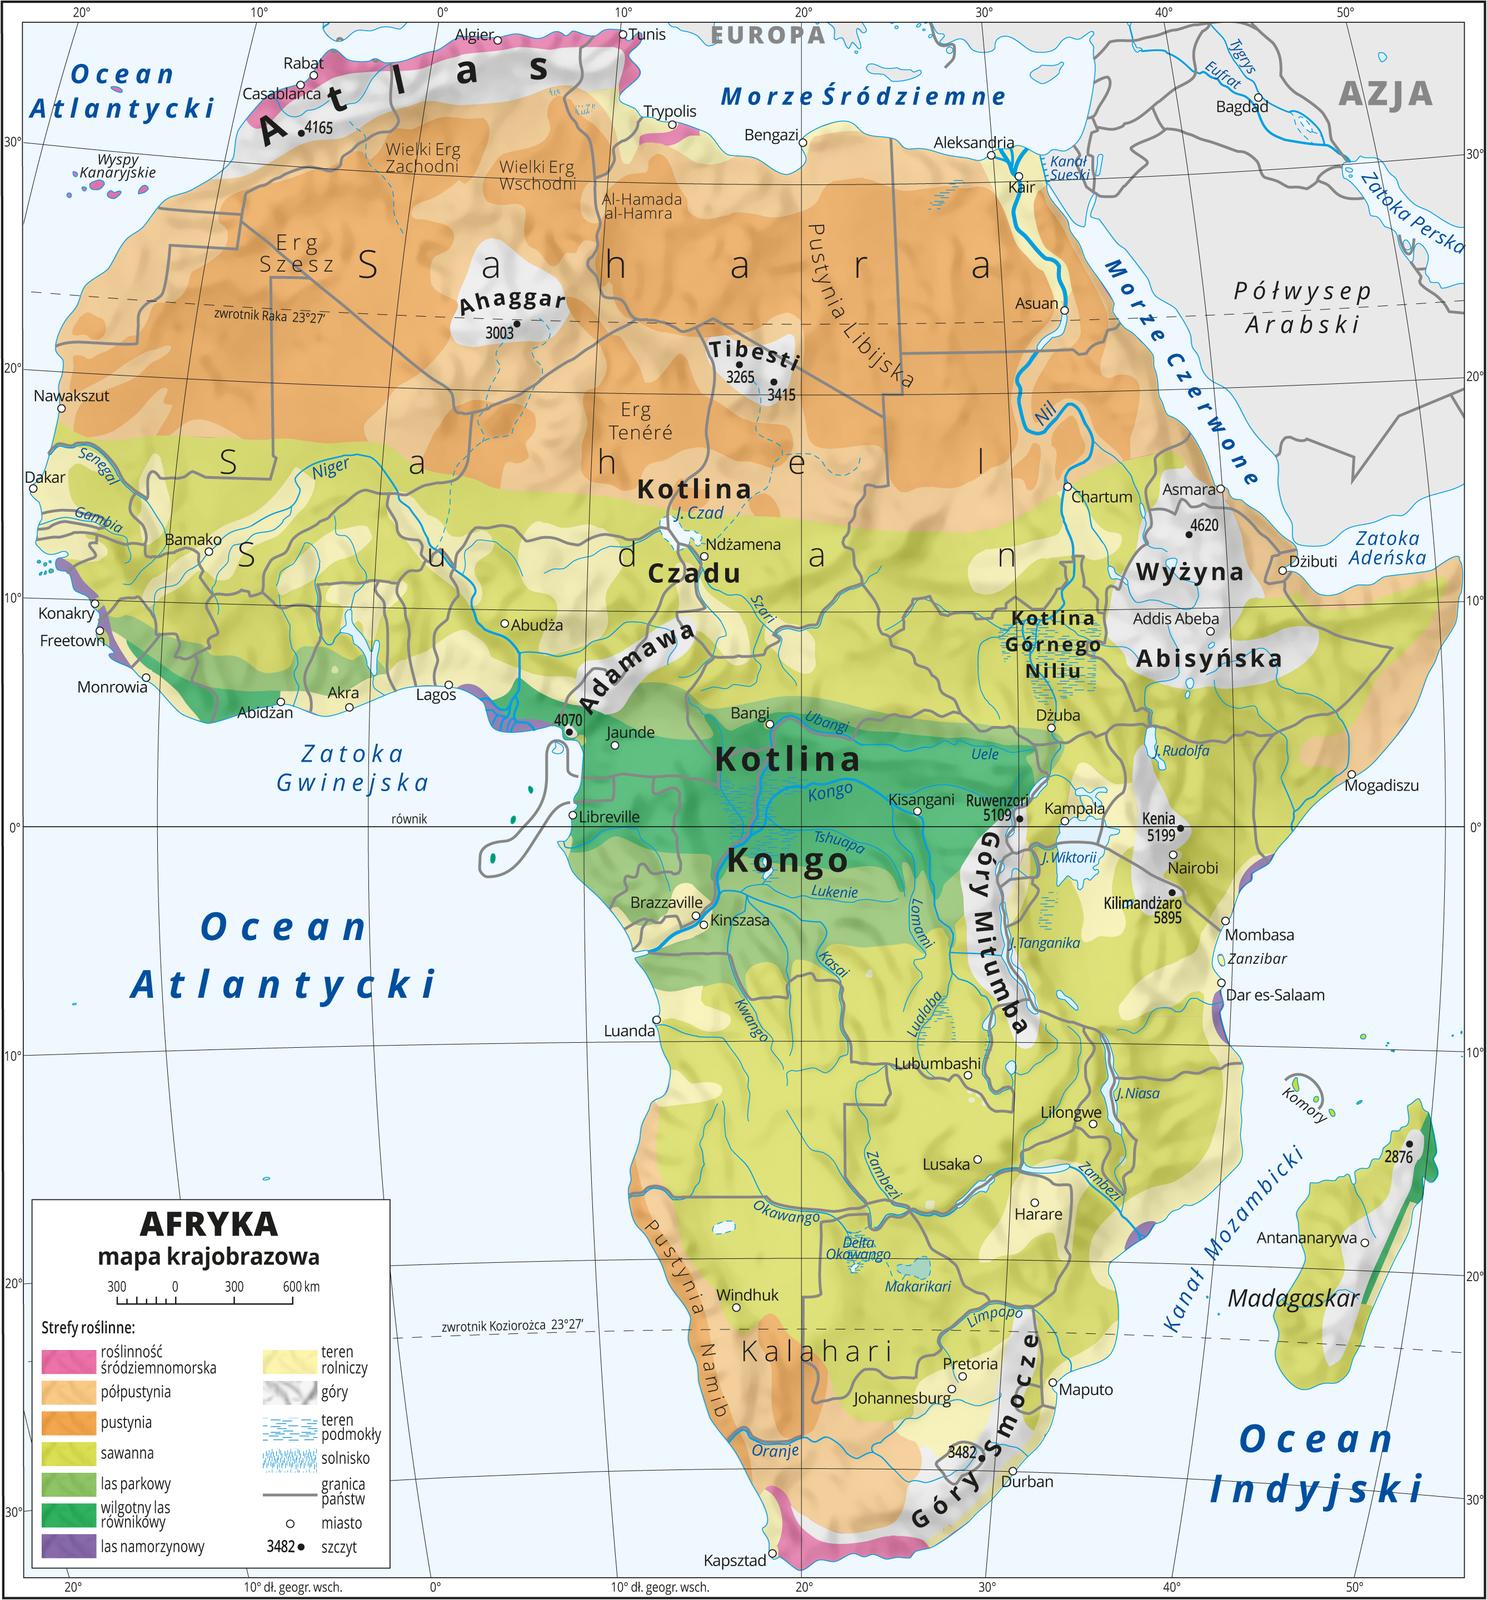 Ilustracja przedstawia mapę krajobrazową Afryki. Na mapie uwzględniono następujące strefy roślinne: roślinność śródziemnomorska, półpustynia, pustynia, sawanna, las parkowy, wilgotny las, równikowy, las namorzynowy. Strefy roślinności układają się pasami, wzdłuż równika – las równikowy wKotlinie Kongo, dalej na północ ipołudnie: lasy parkowe, sawanny, półpustynie ipustynie. Góry oznaczone kolorem szarym, obszary rolnicze – kolorem żółtym (głównie wzdłuż rzek). Morza niebieskie. Na mapie opisano nazwy nizin, wyżyn ipasm górskich, mórz, zatok, rzek ijezior. Oznaczono iopisano główne miasta. Oznaczono czarnymi kropkami iopisano szczyty górskie. Mapa pokryta jest równoleżnikami ipołudnikami. Dookoła mapy wbiałej ramce opisano współrzędne geograficzne co dziesięć stopni. Wlegendzie umieszczono iopisano znaki użyte na mapie.